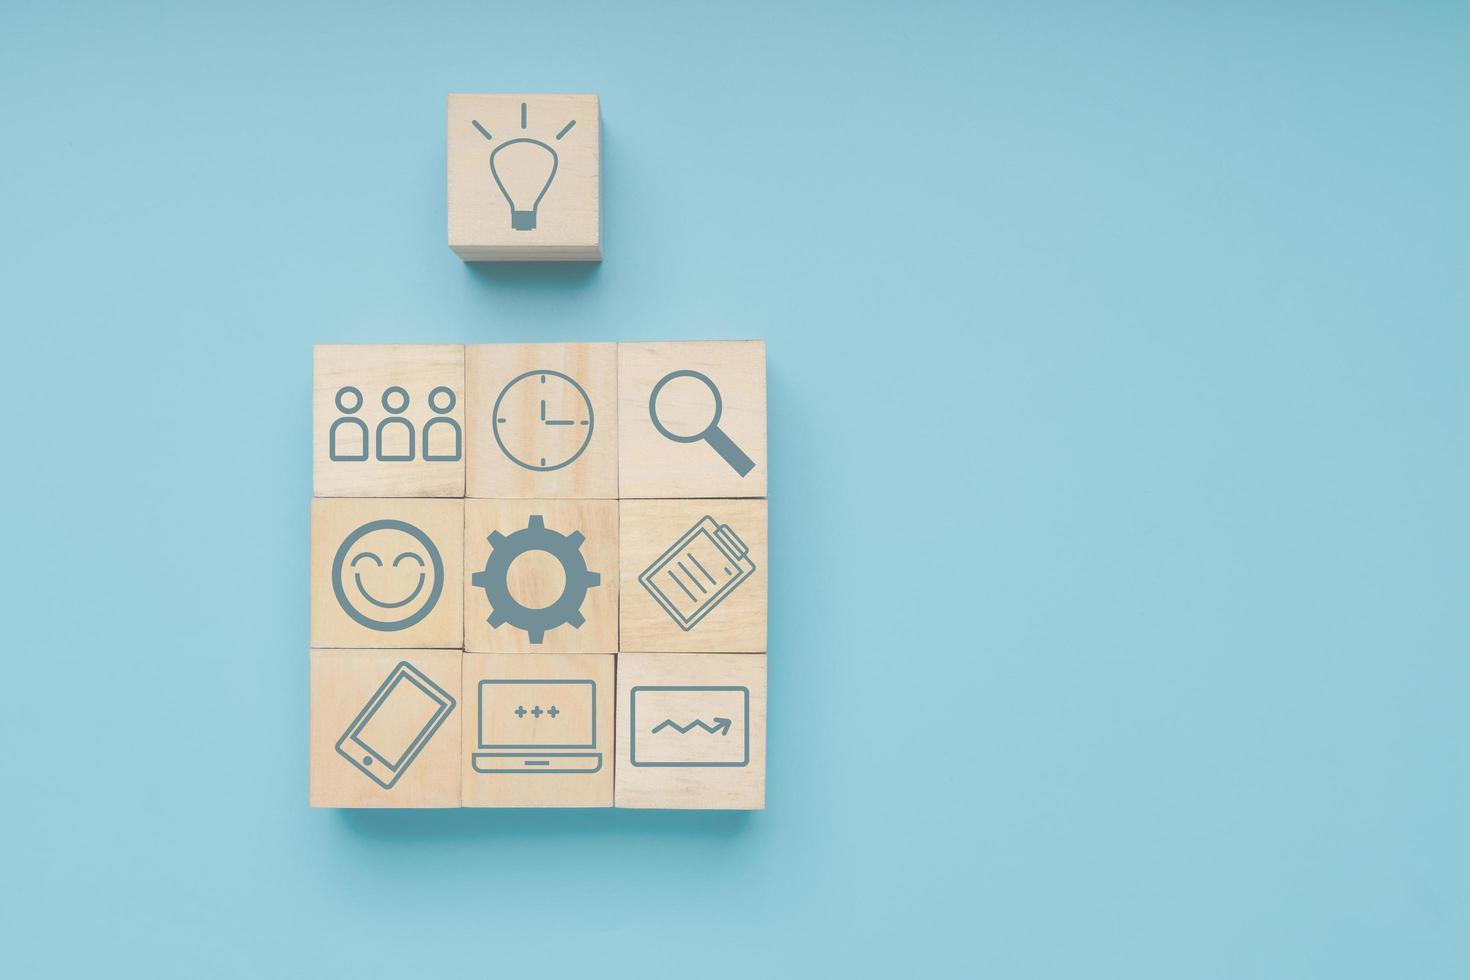 bloc de bois idée avec l'icône de l'étape commerciale vers le succès photo